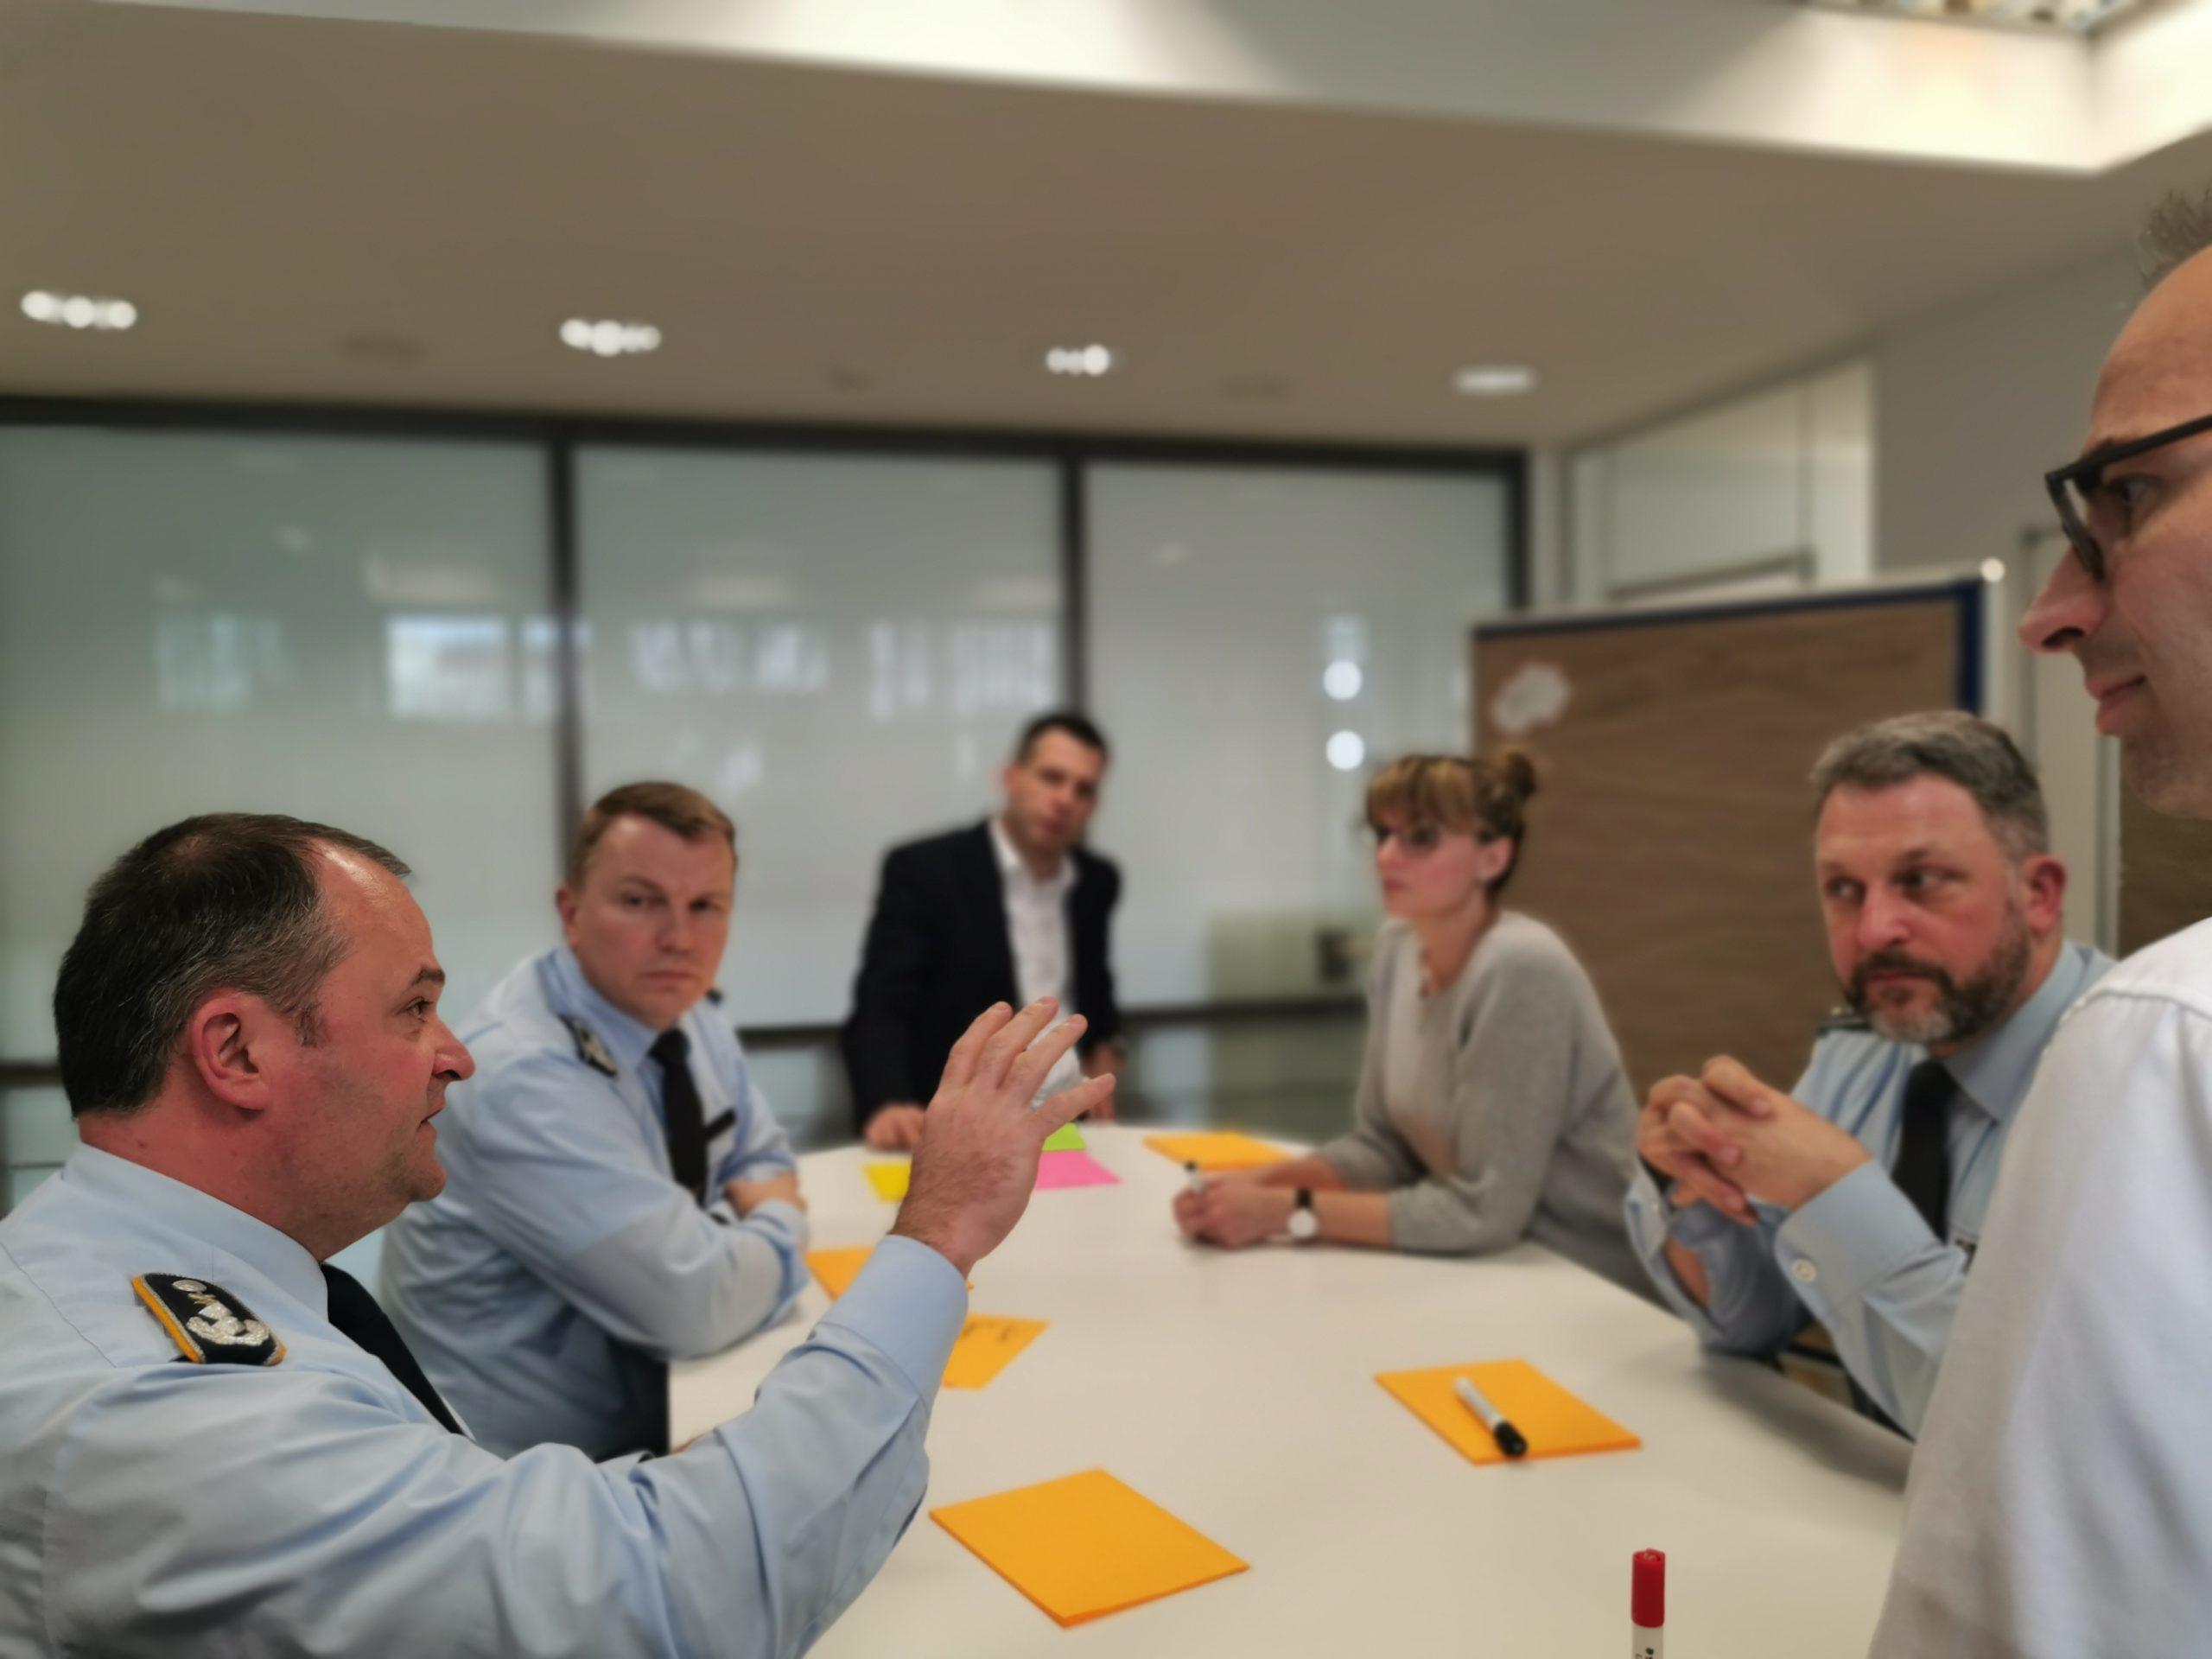 Sechs Personen sitzen diskutierend um einen Besprechungstisch